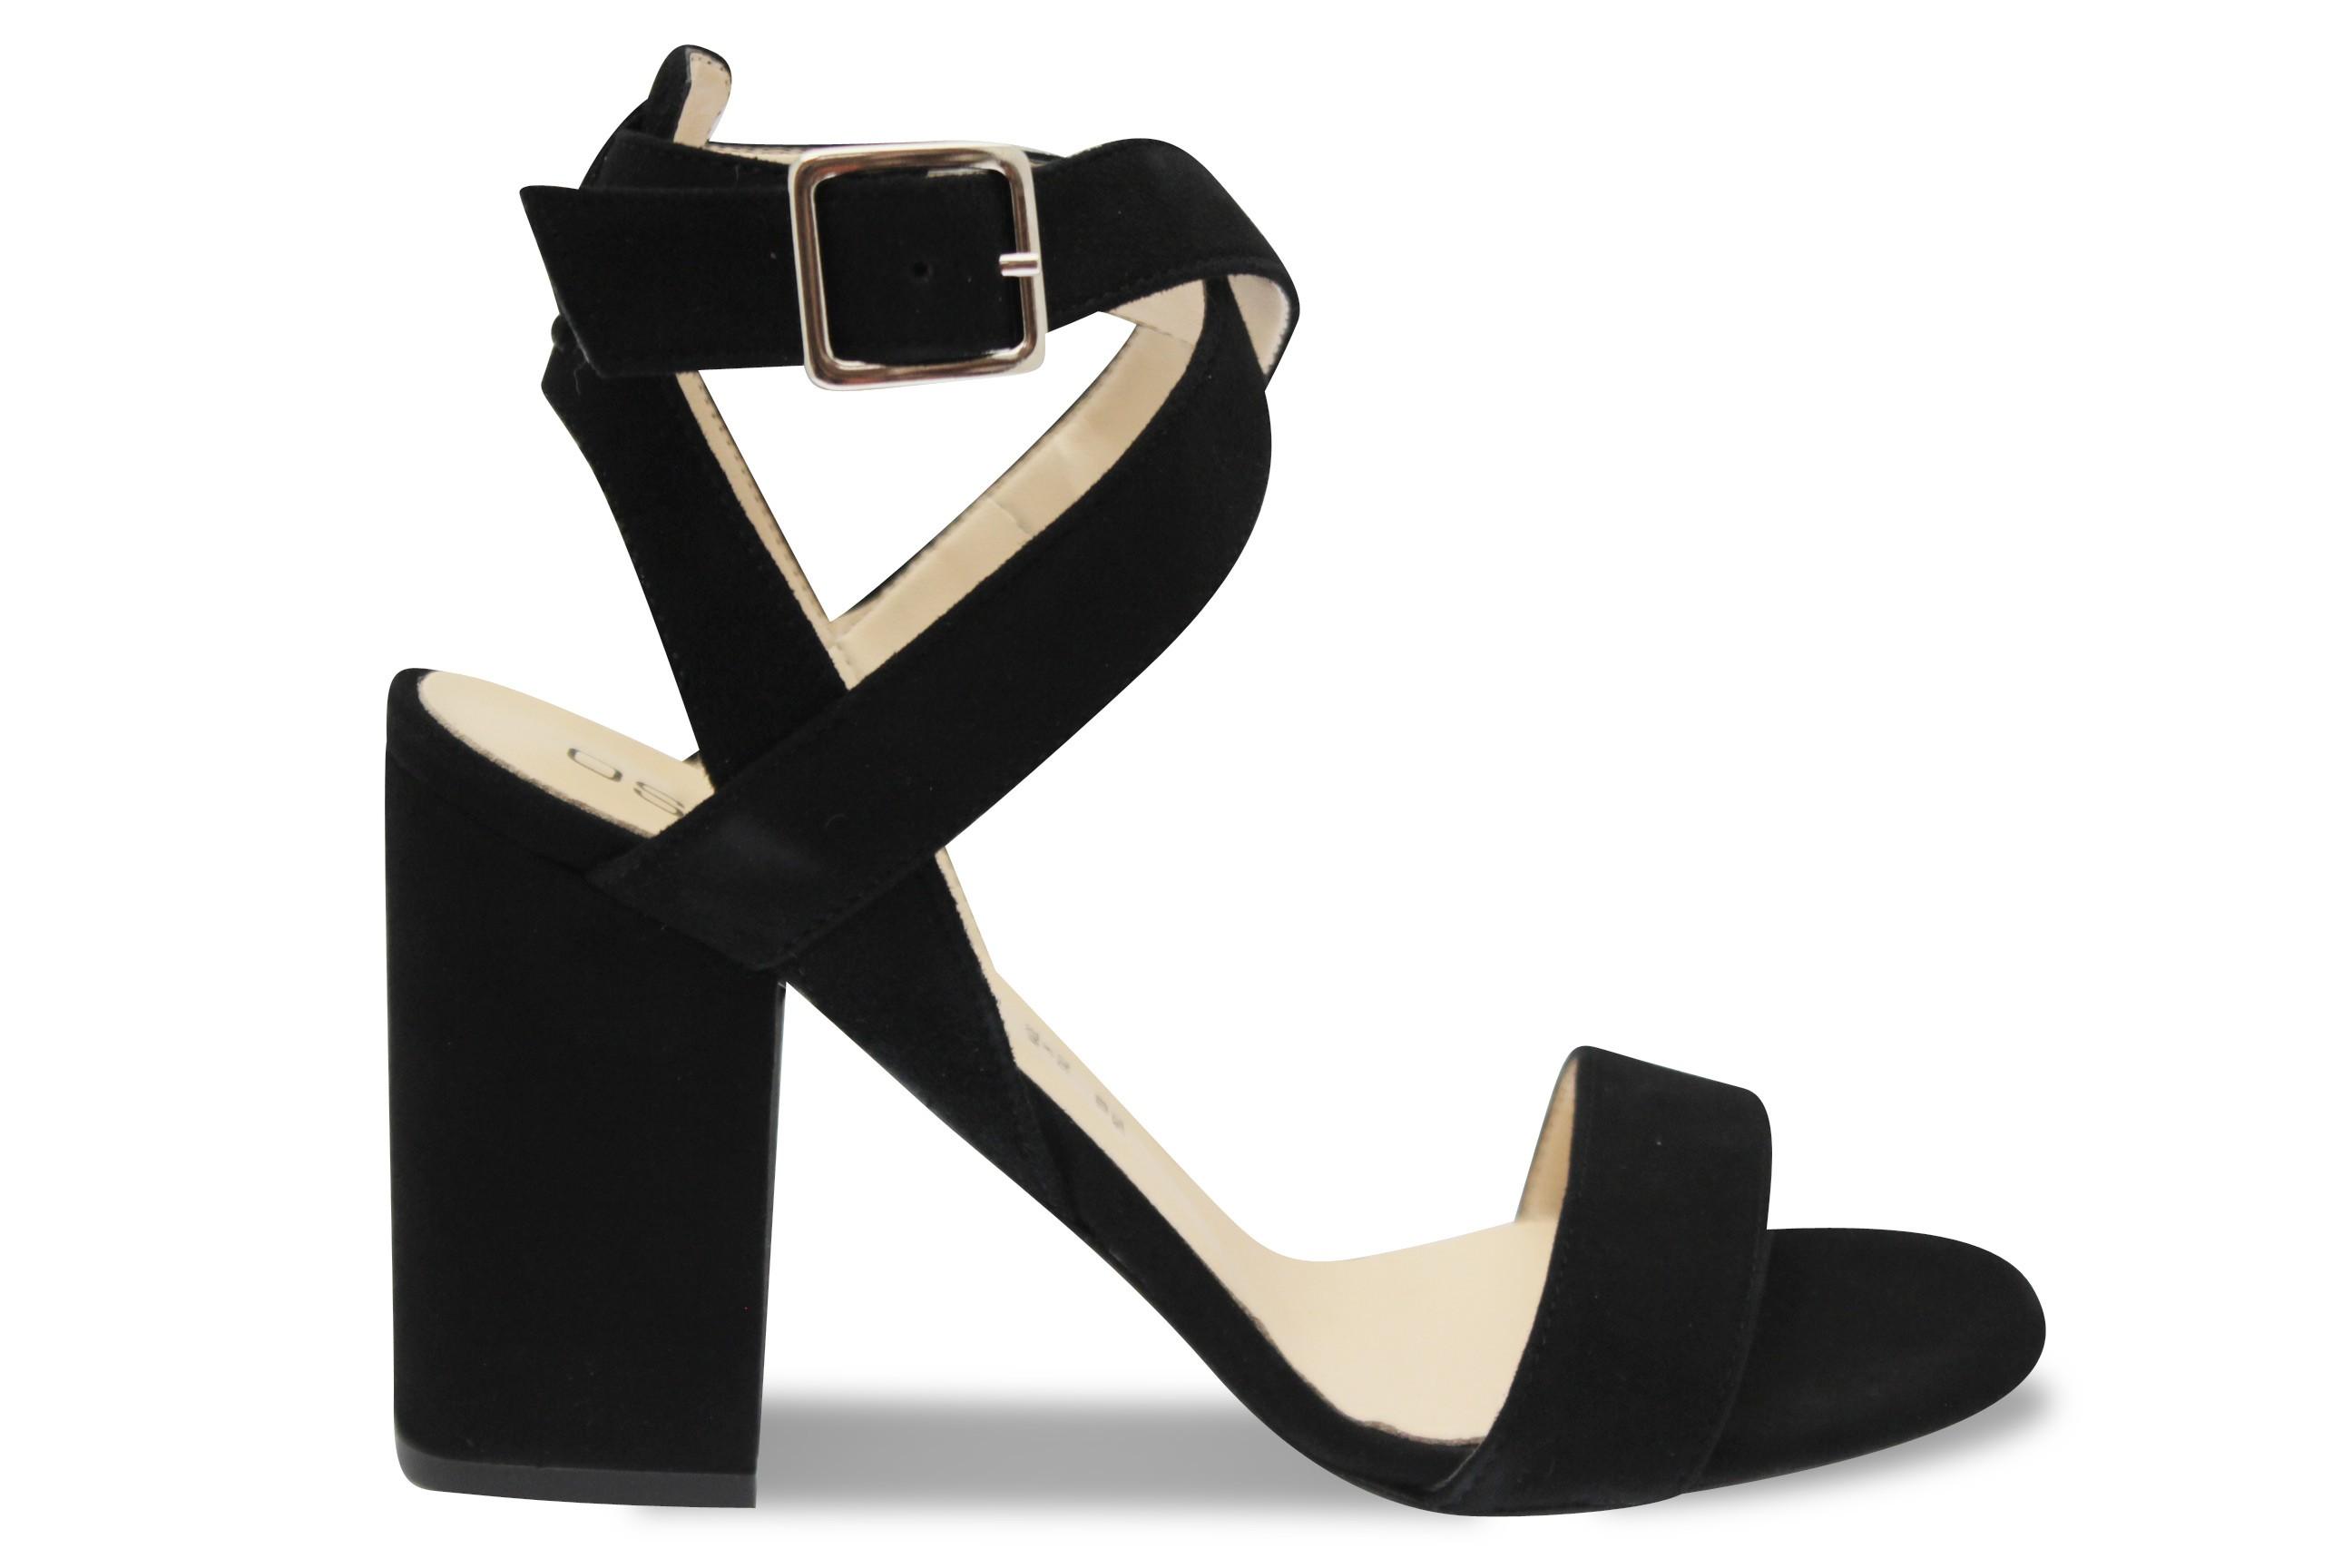 Tendance à talon carré signée OSMOSE Shoes en sandale femme